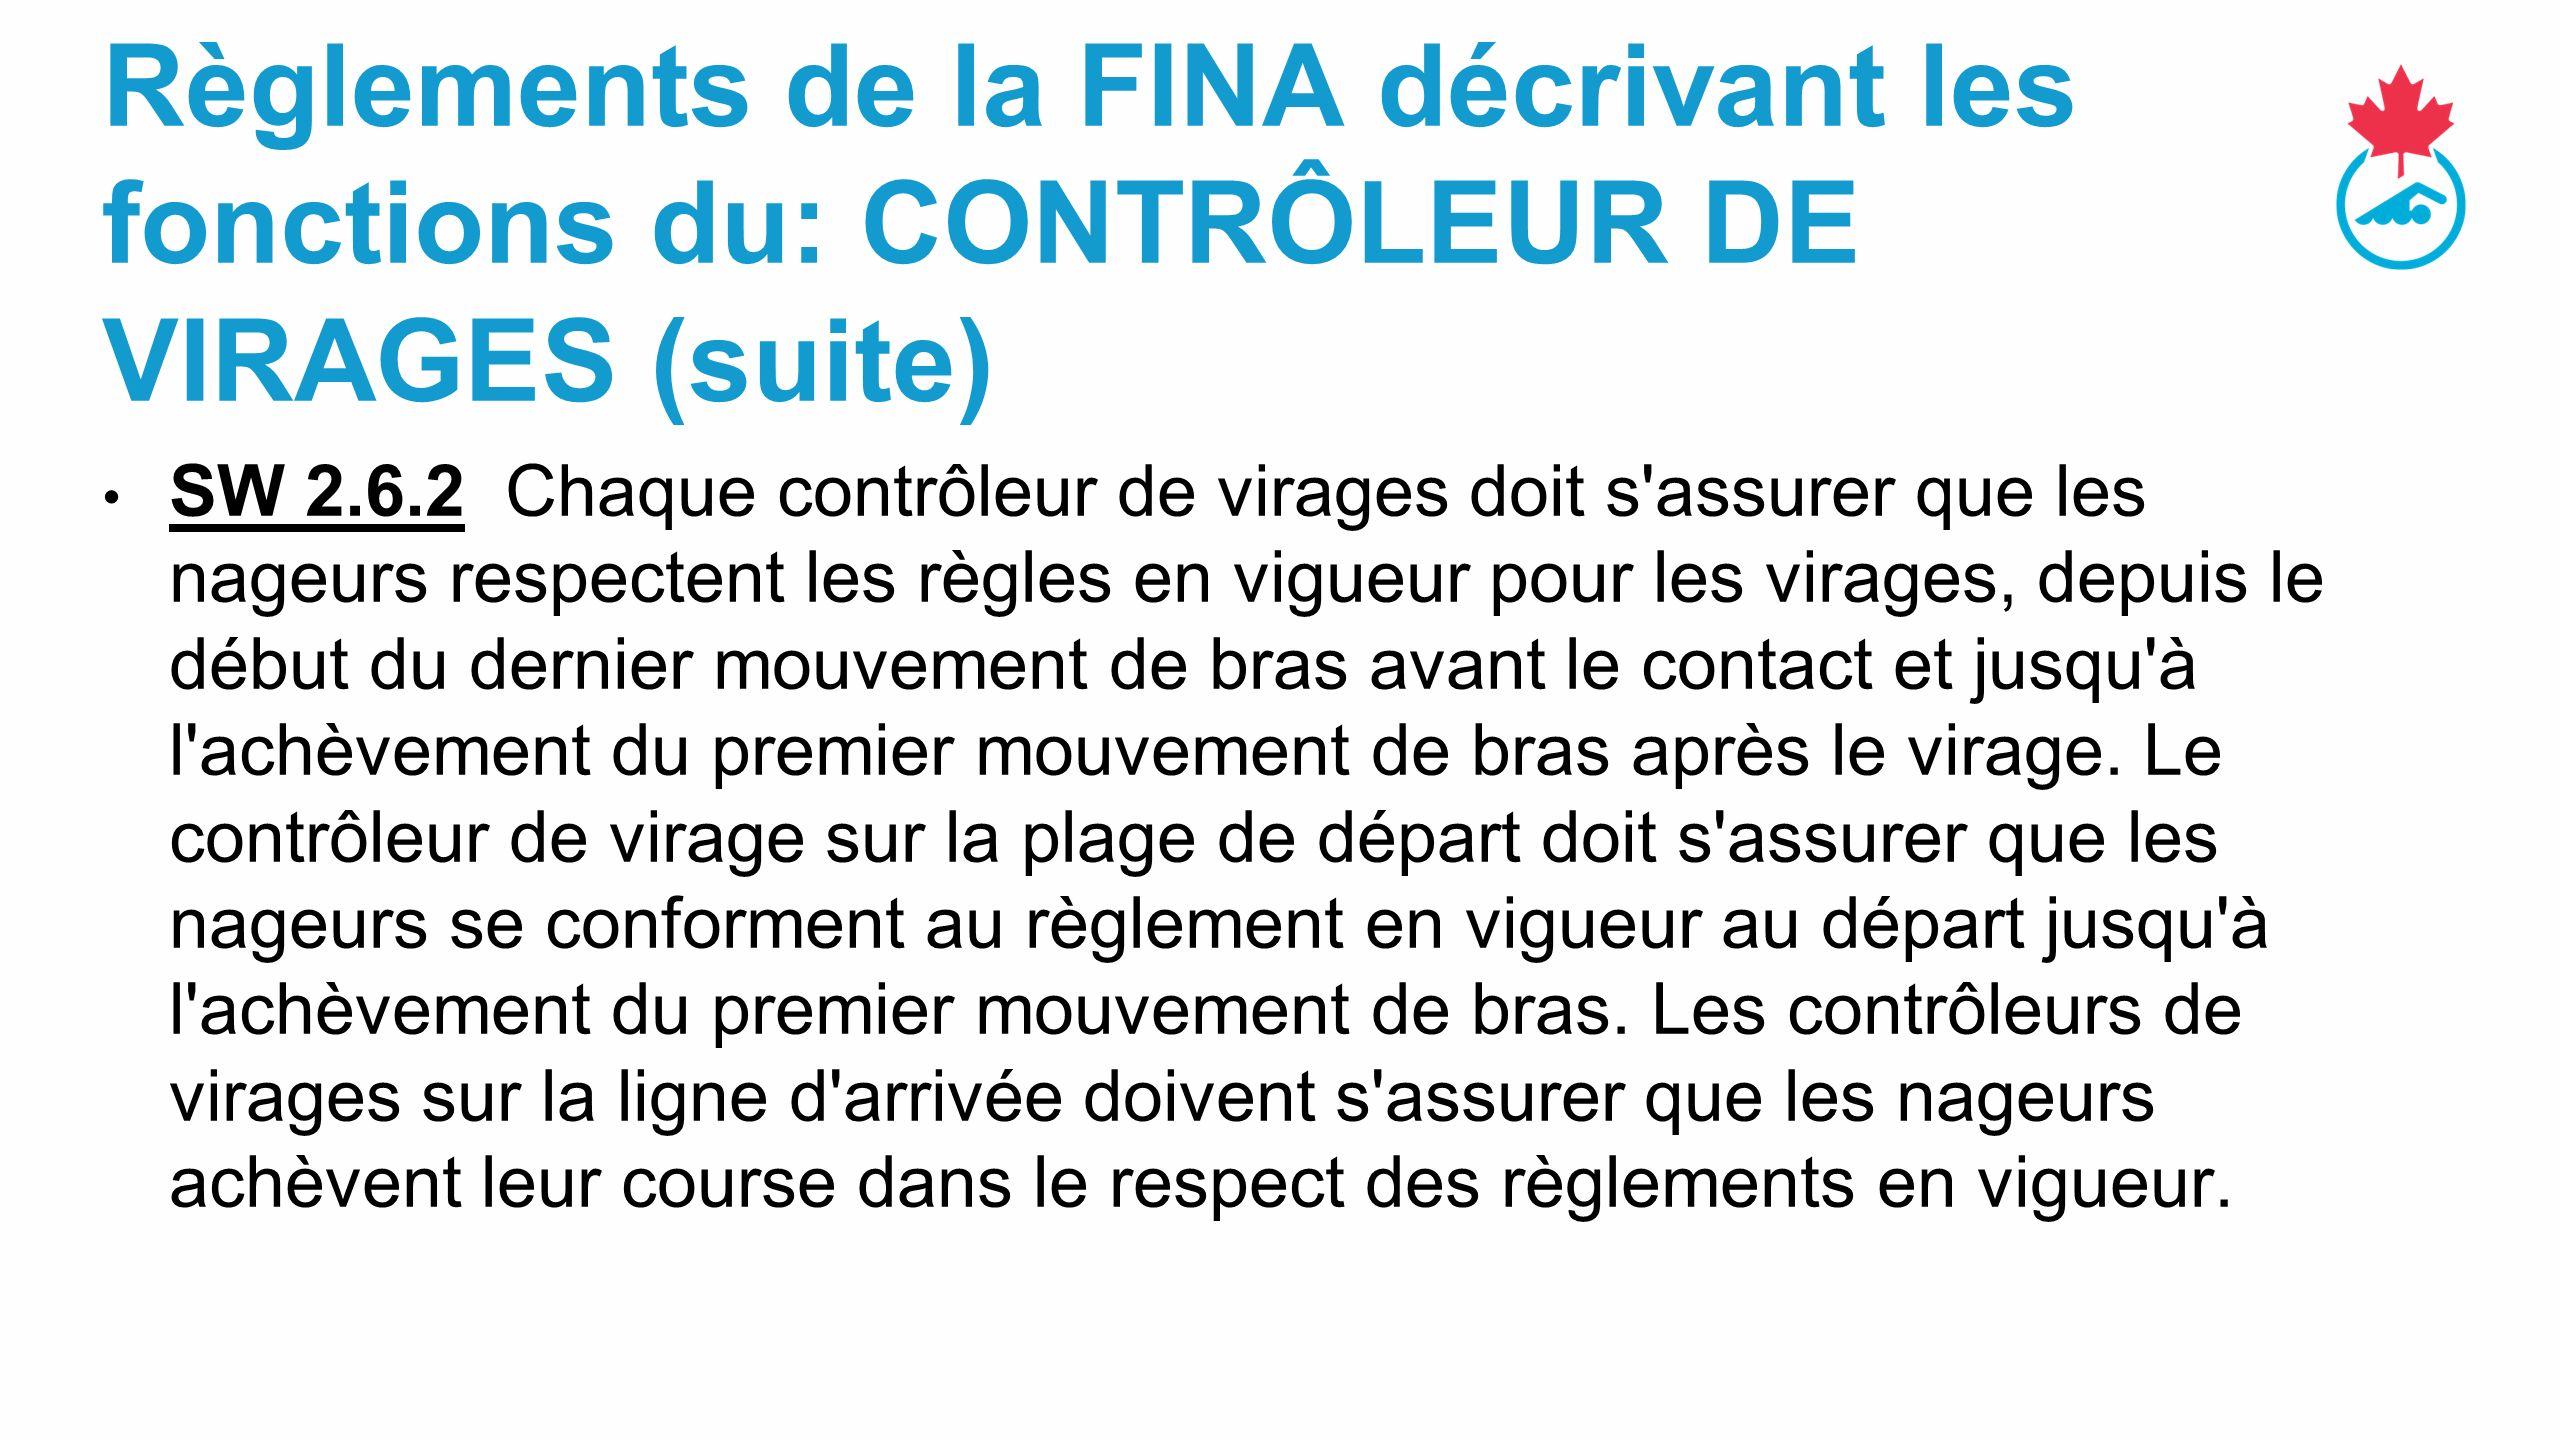 Règlements de la FINA décrivant les fonctions du: CONTRÔLEUR DE VIRAGES (suite)